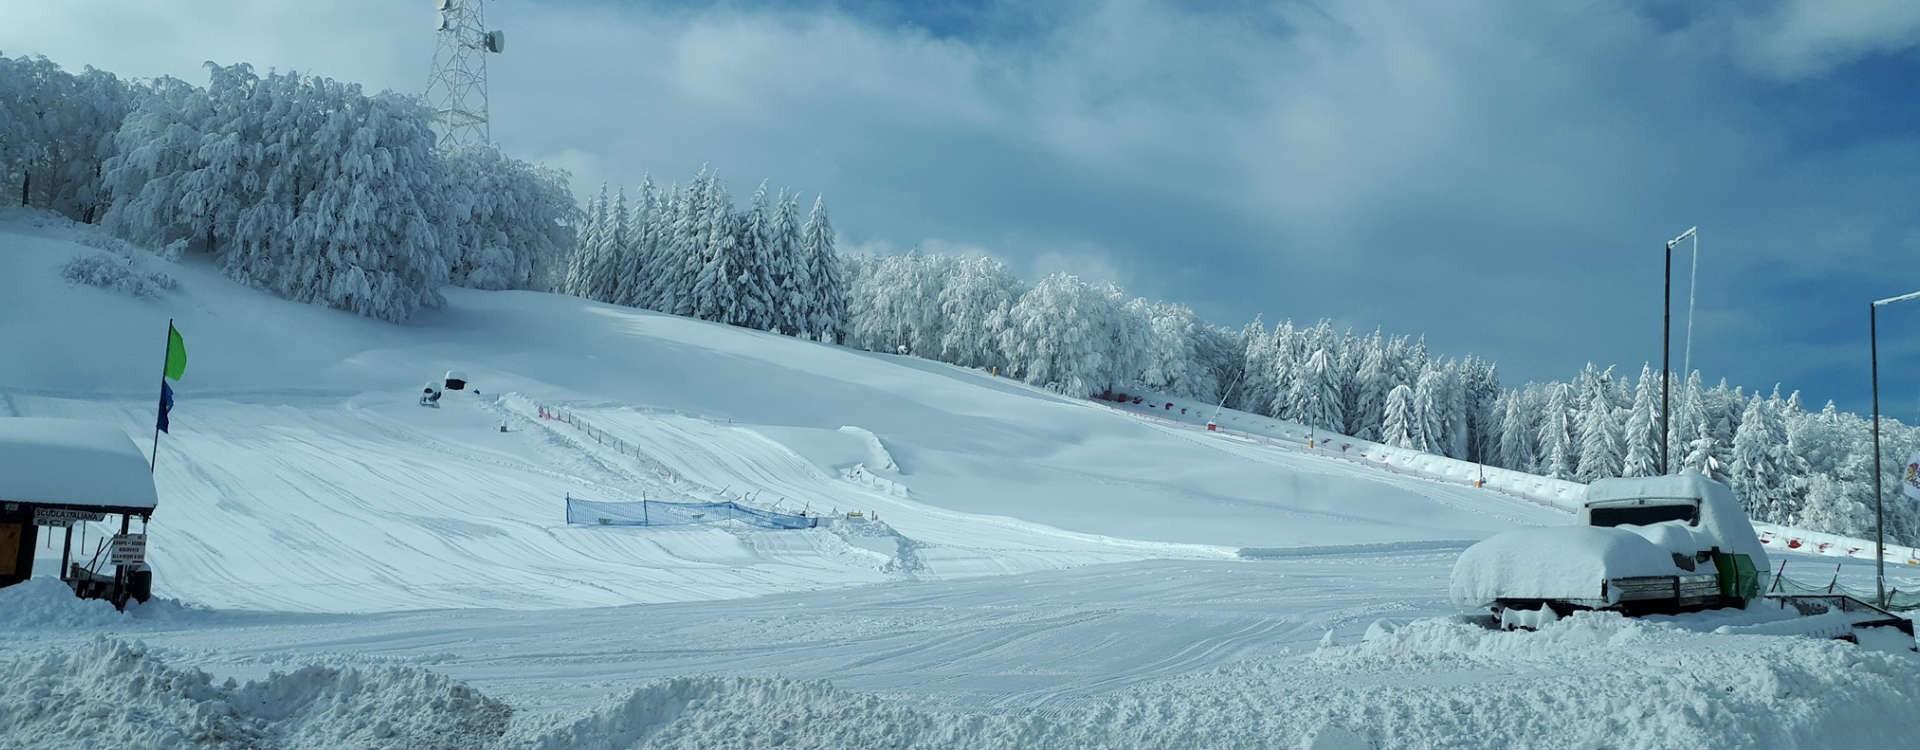 Sport invernali alle Piane di Mocogno: una delle migliori stazioni sciistiche per lo sci e lo sci da fondo